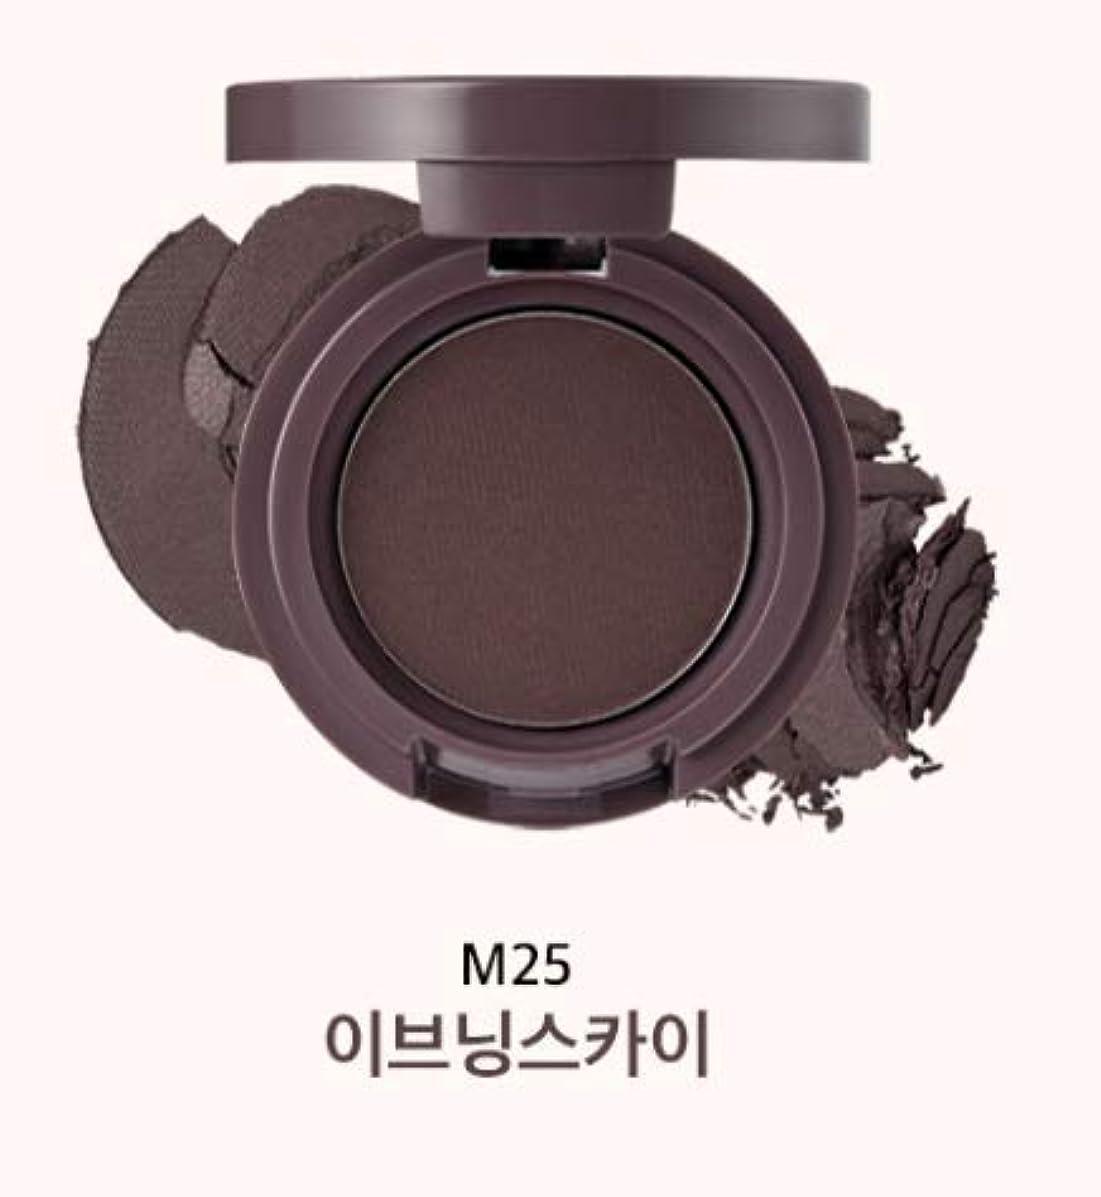 アミューズ冷酷なぜいたく【アリタウム.ARITAUM]モノアイズサンセットコレクション(1.5?1.8G)/ MONO EYES SUNSET COLLECTION (M25 EVENING SKY)